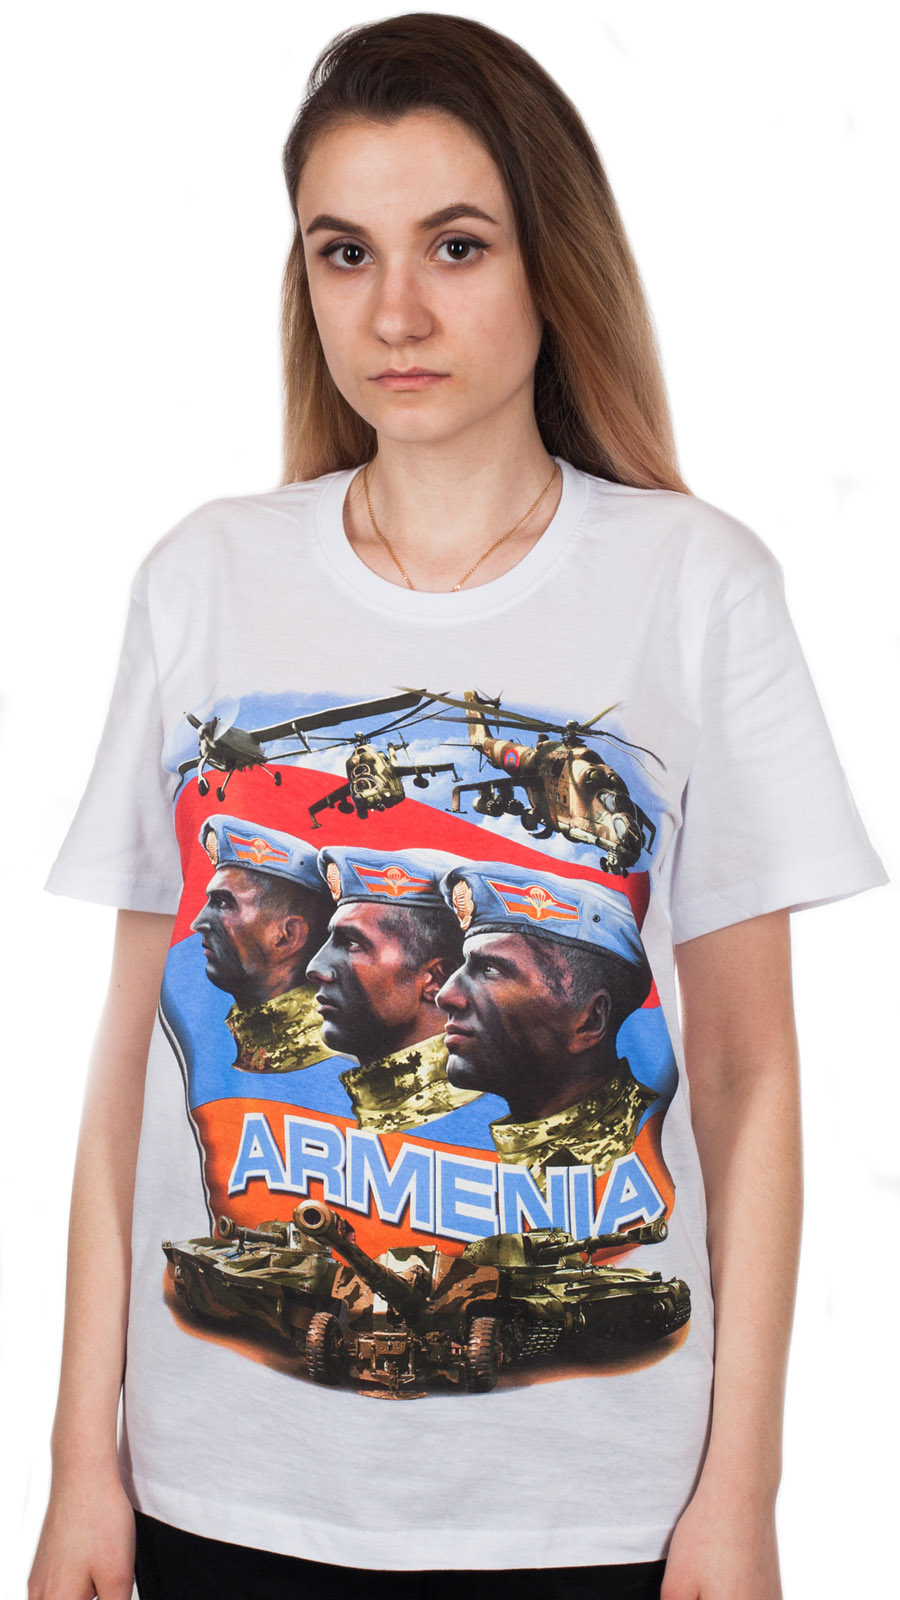 Футболка с надписью Армения – хороший подарок мужу, другу, коллеге